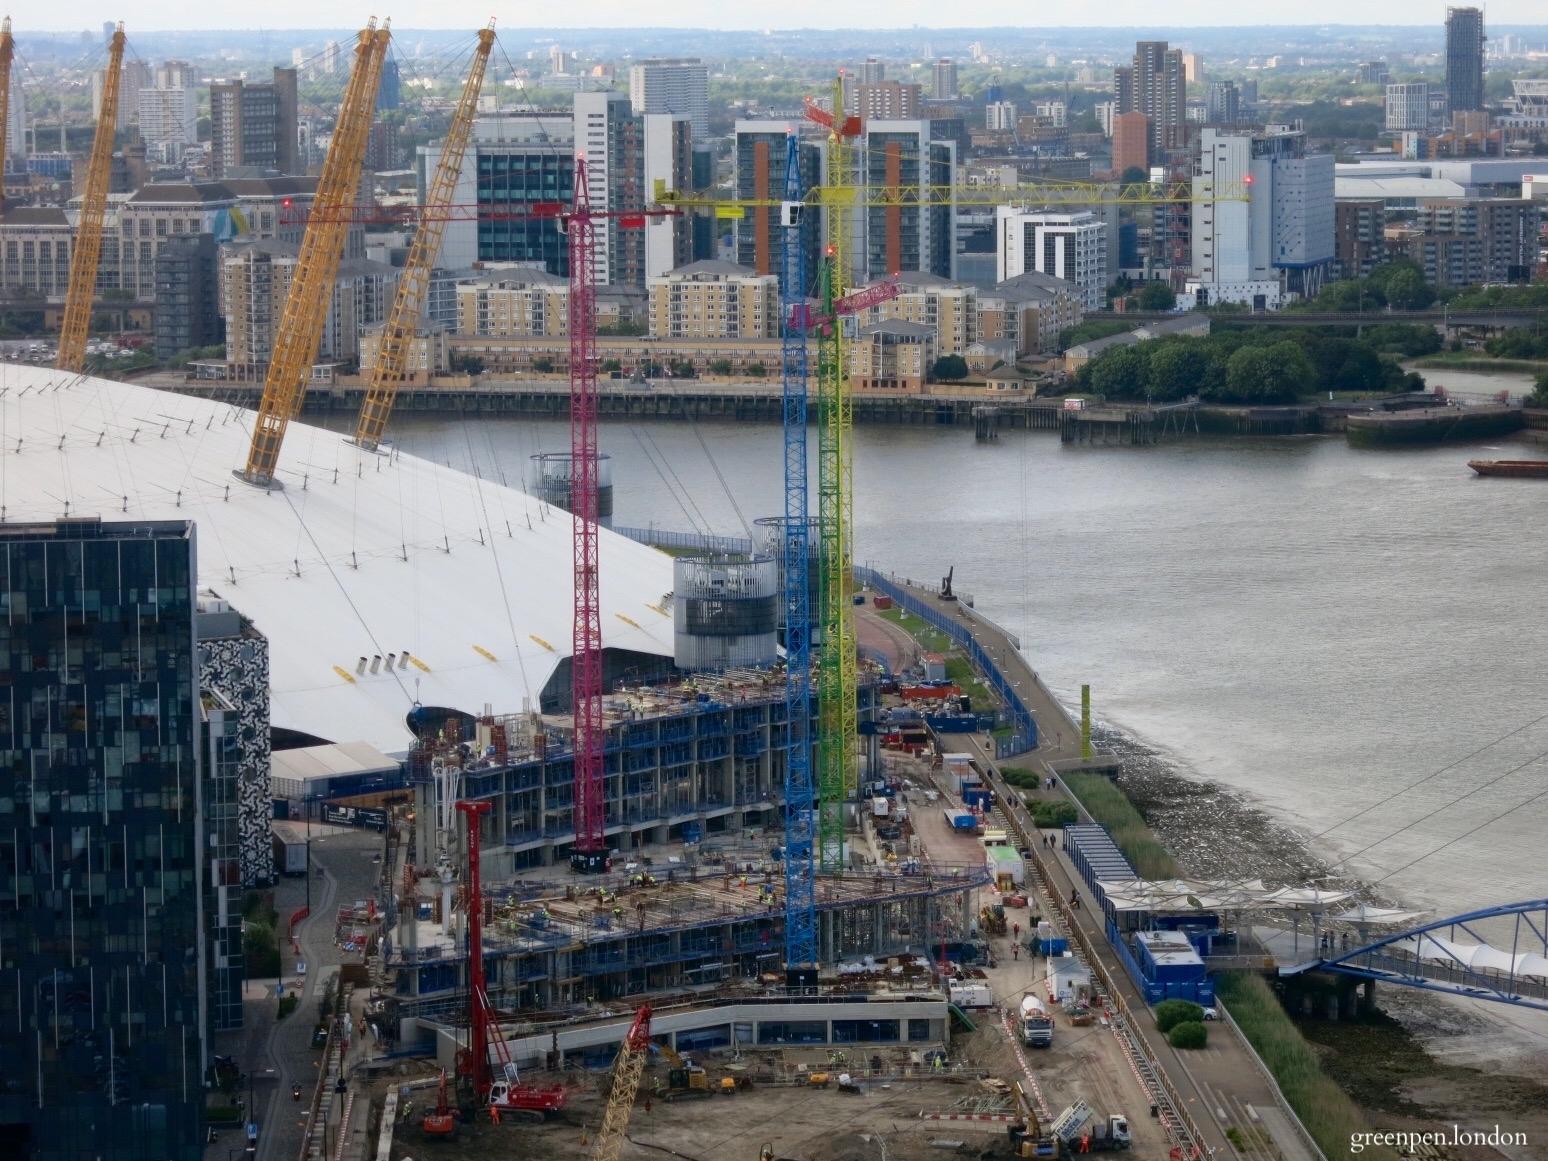 Upper Riverside development on the northeast of the Greenwich Peninsula - June 2016 [greenpenlondon]